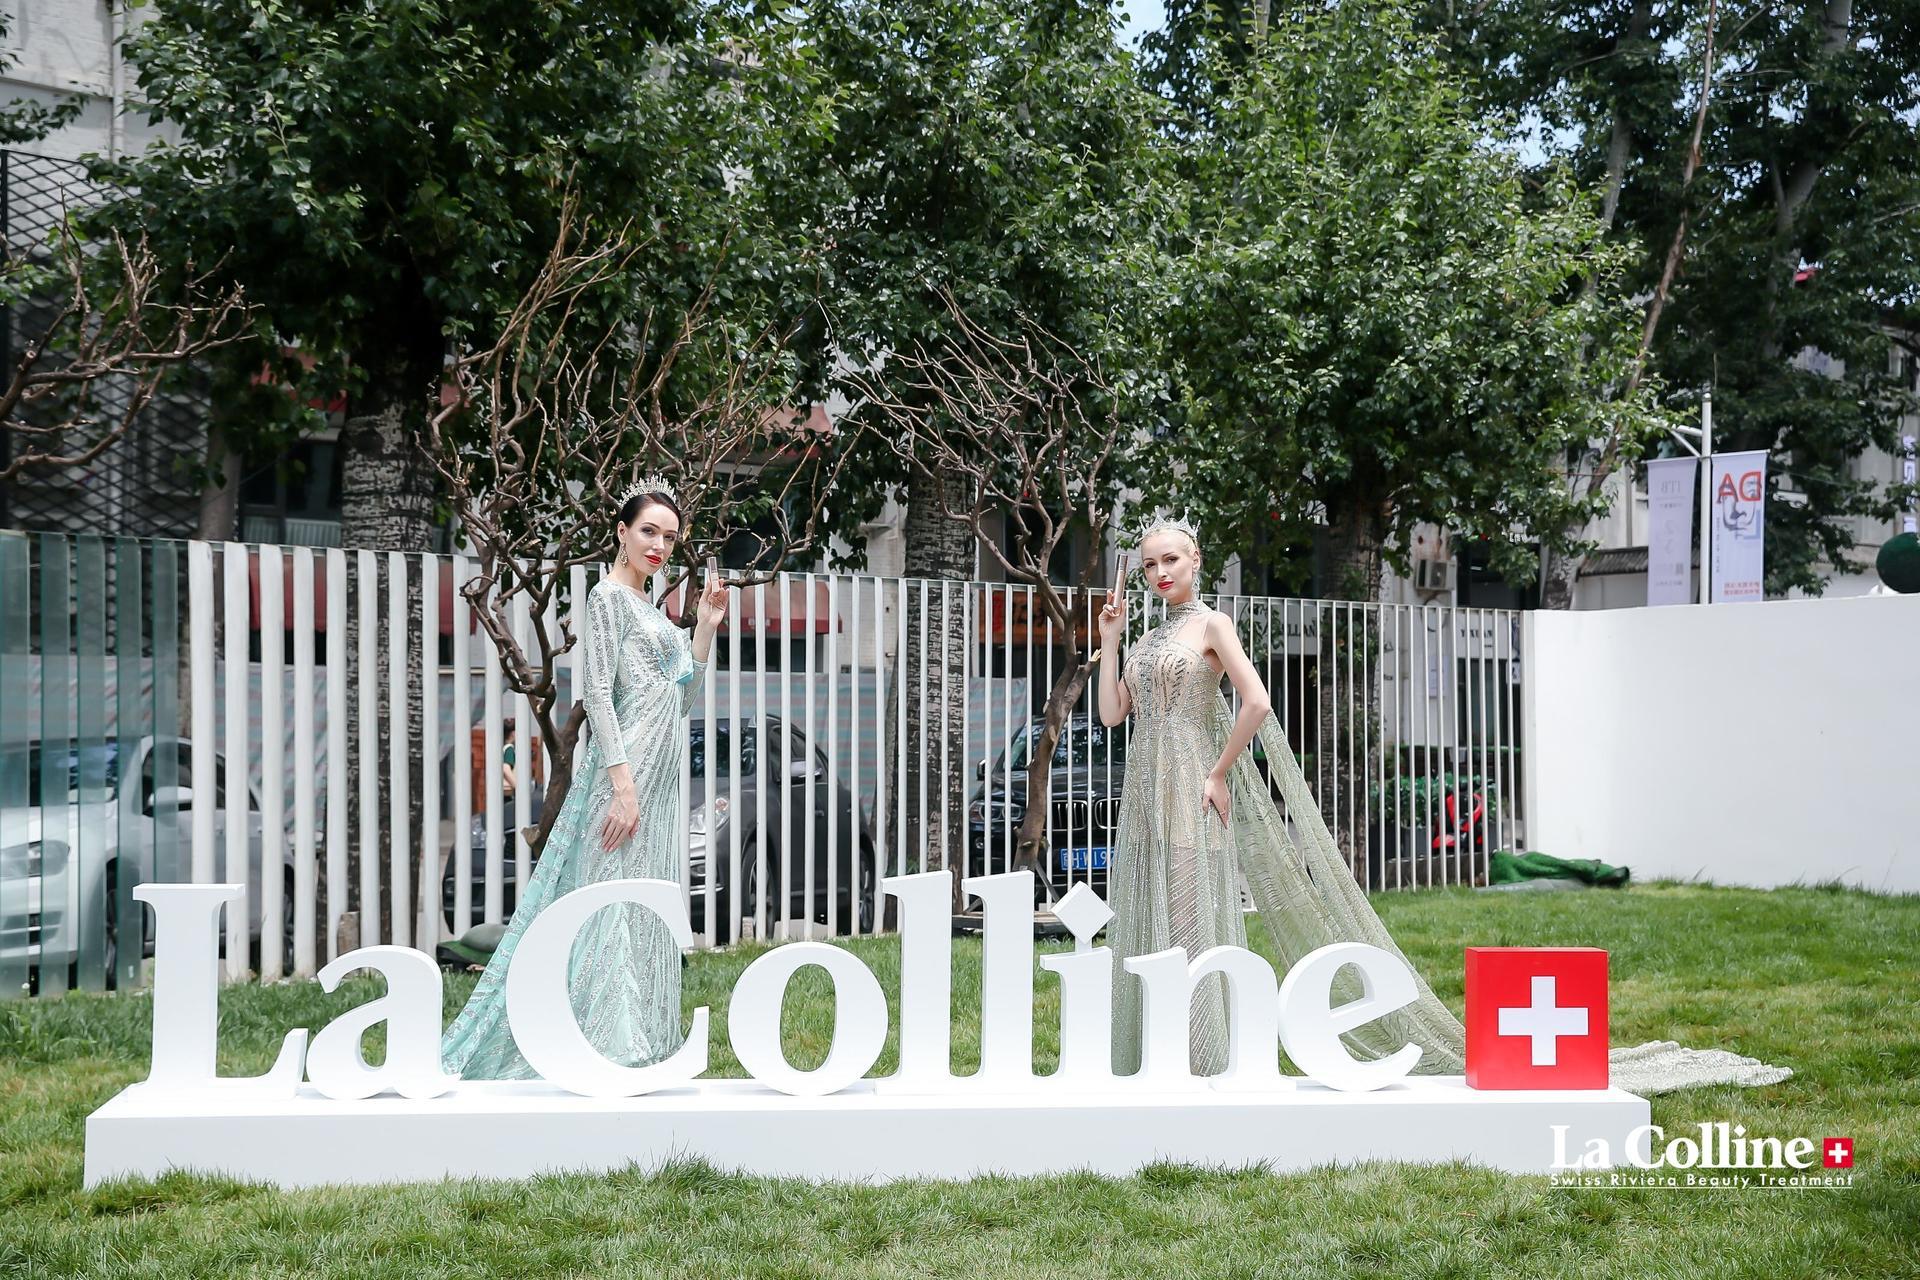 瑞士La Colline科丽妍新品发布会活动策划成如梦似幻的清凉水世界